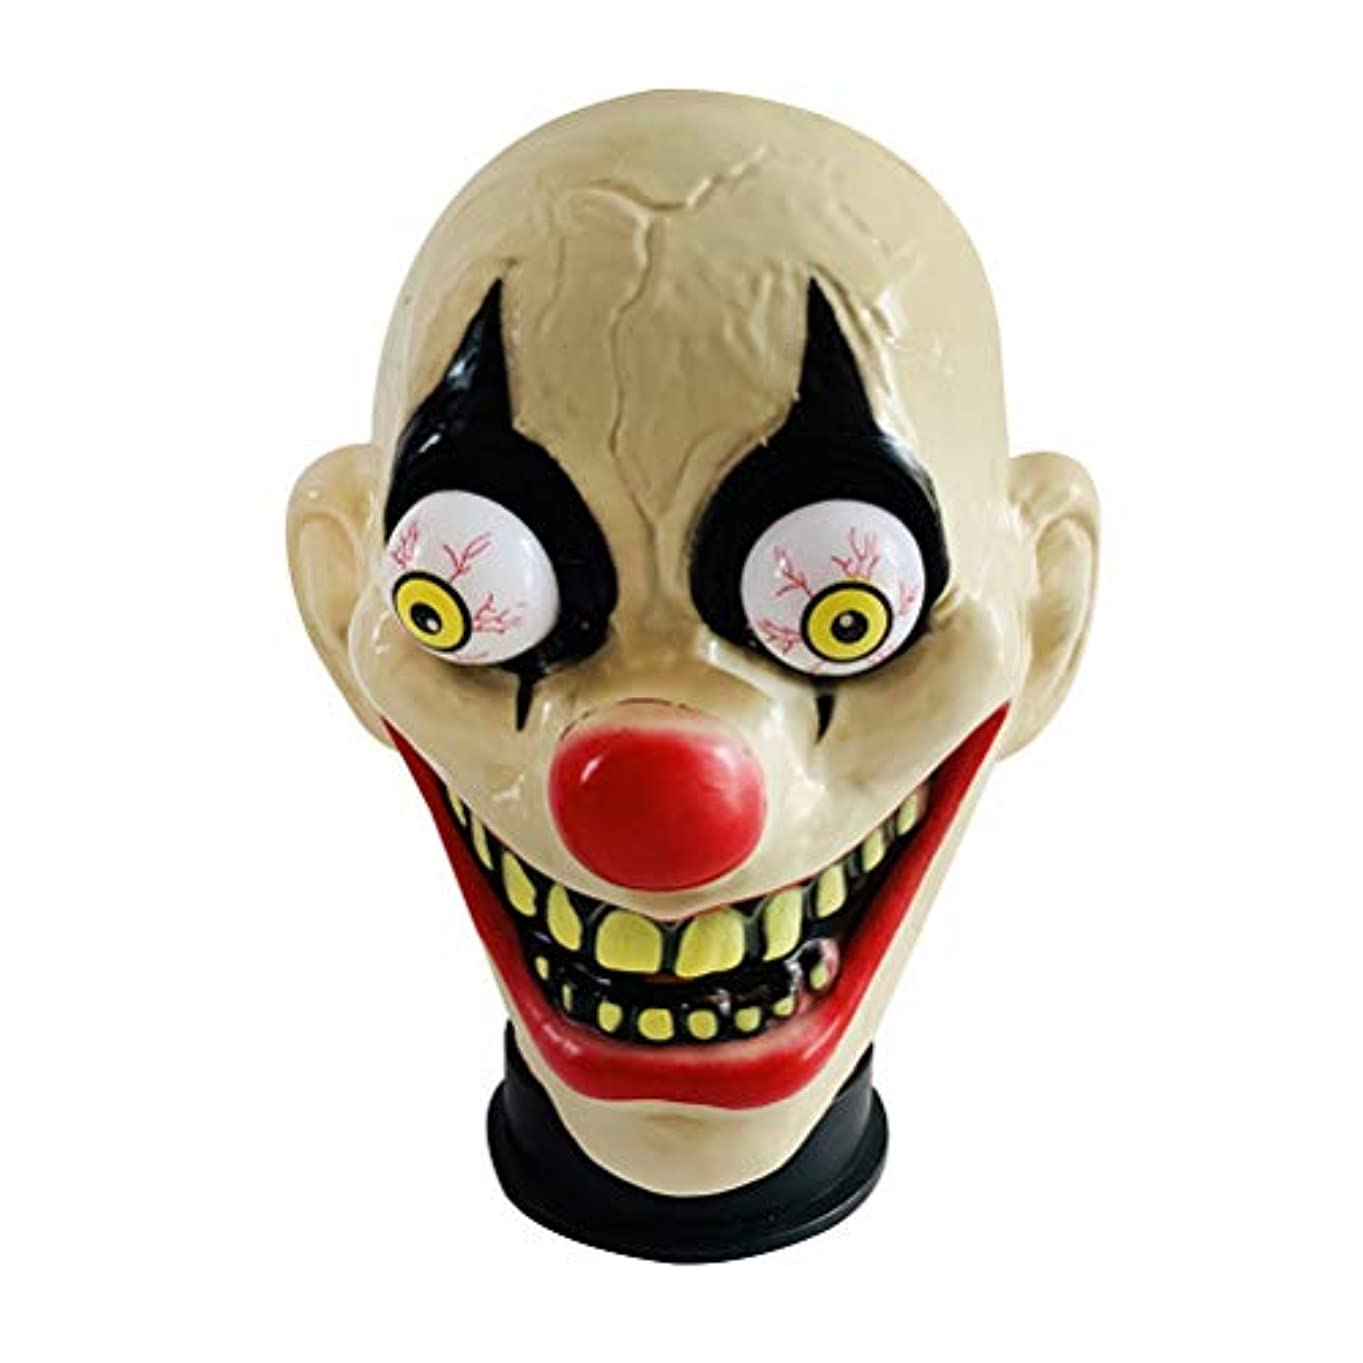 空気パンチ叙情的なBESTOYARD ハロウィーン怖いピエロマスクテロホラーピエロヘッドカバーハロウィンコスプレパーティー用男性用マスク(ピエロタイプ)